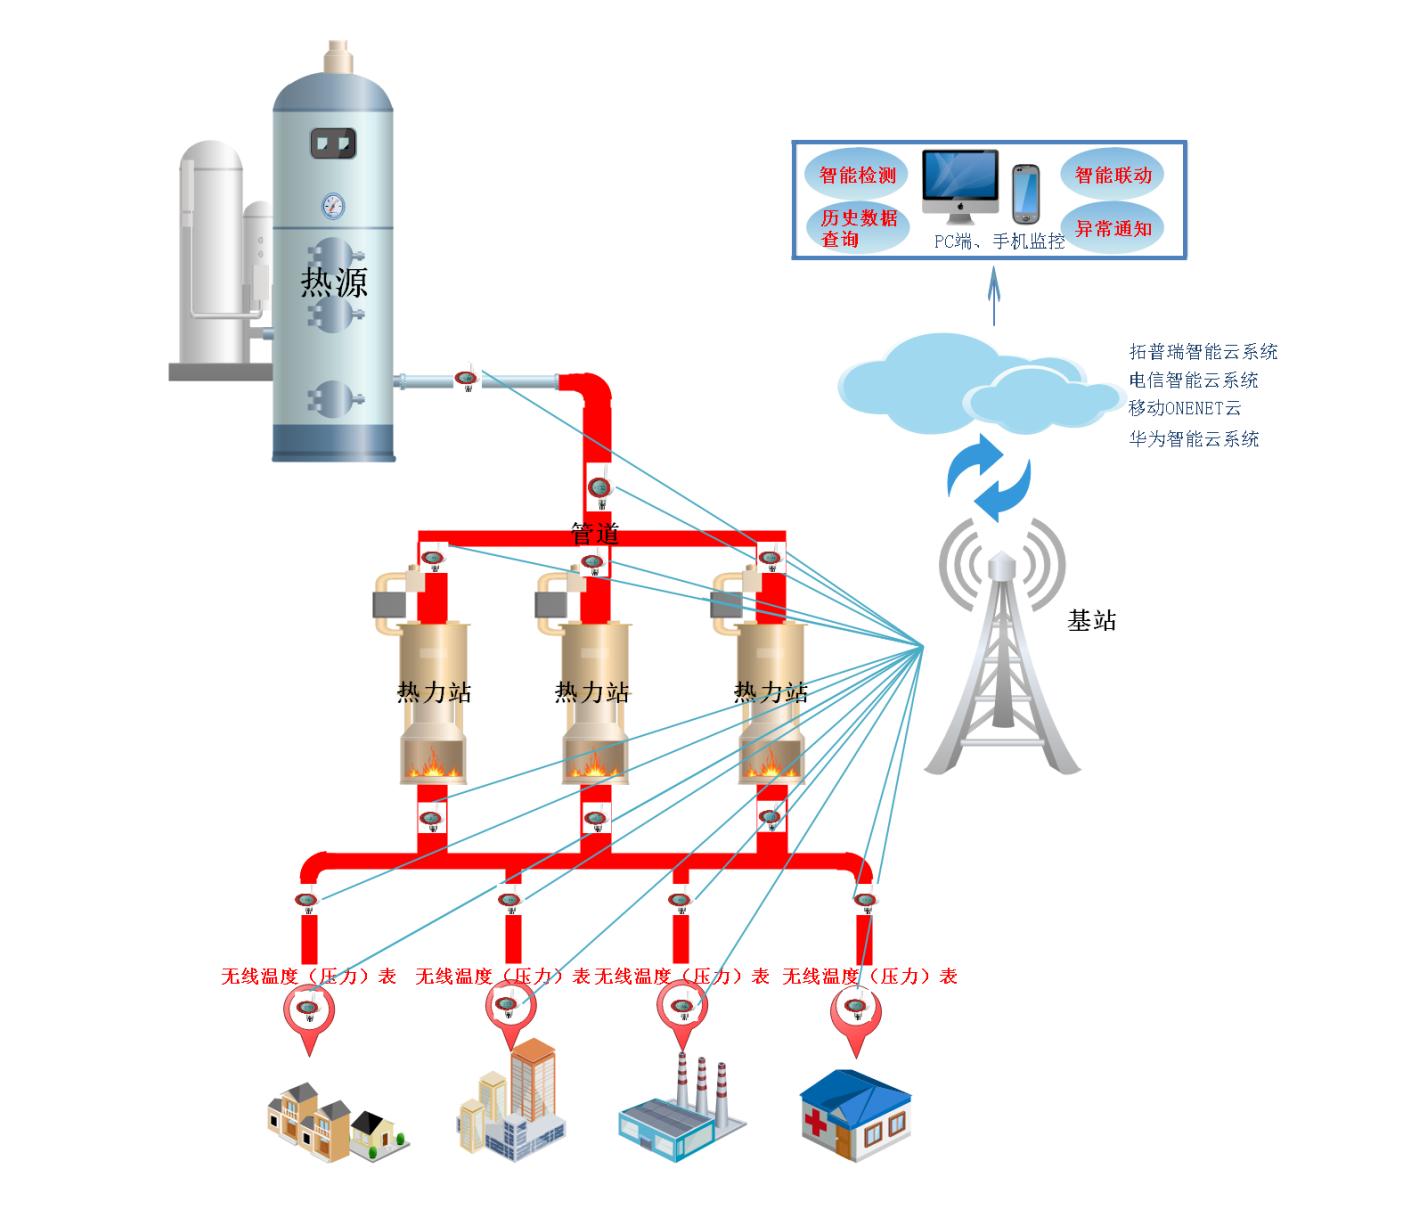 智慧供暖无线温度表在热力管网自动在线监测系统解决方案的应用